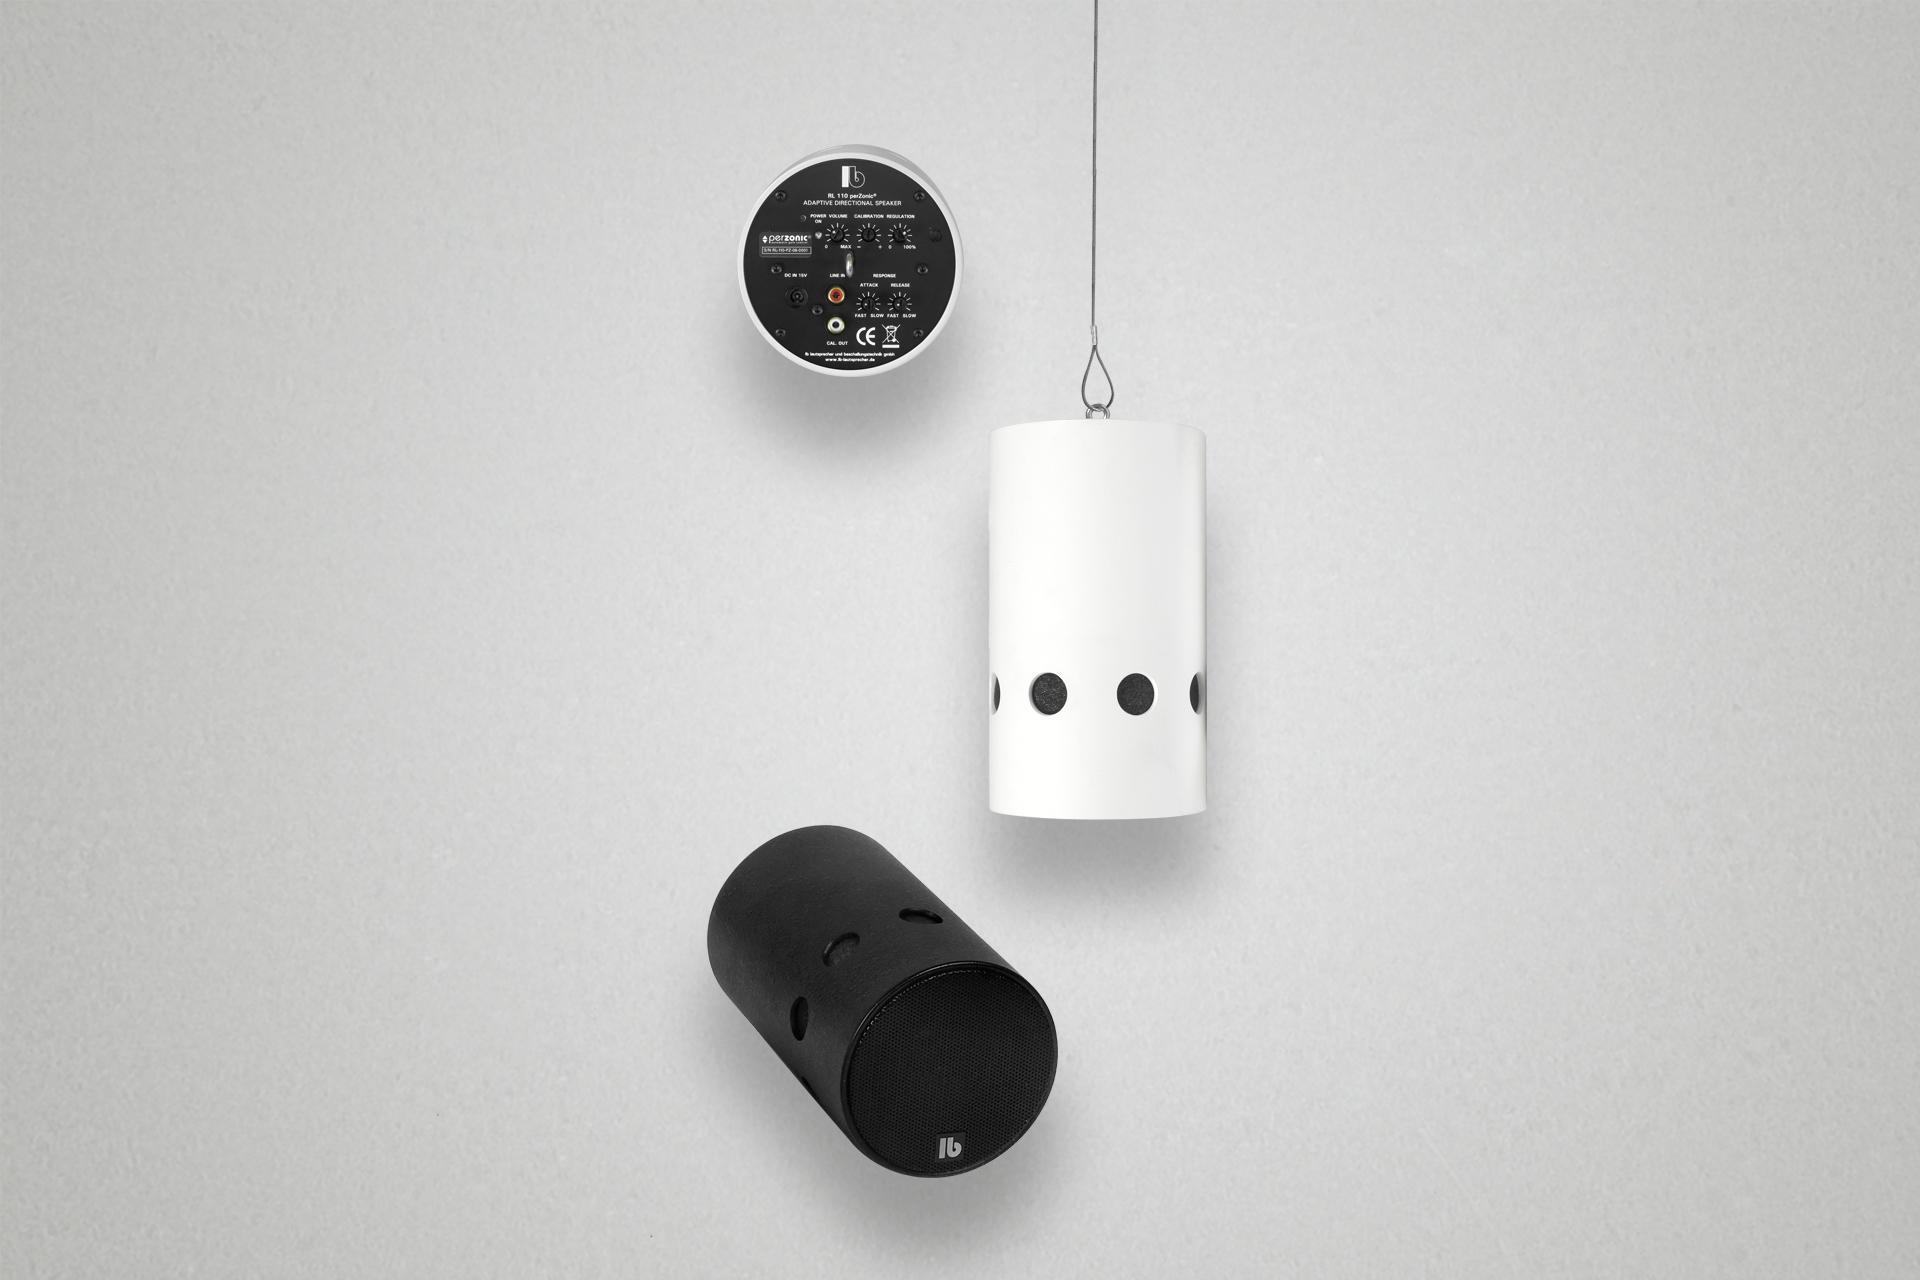 Lautsprecher passt die Wiedergabelautstärke dem Umgebungsgeräusch an